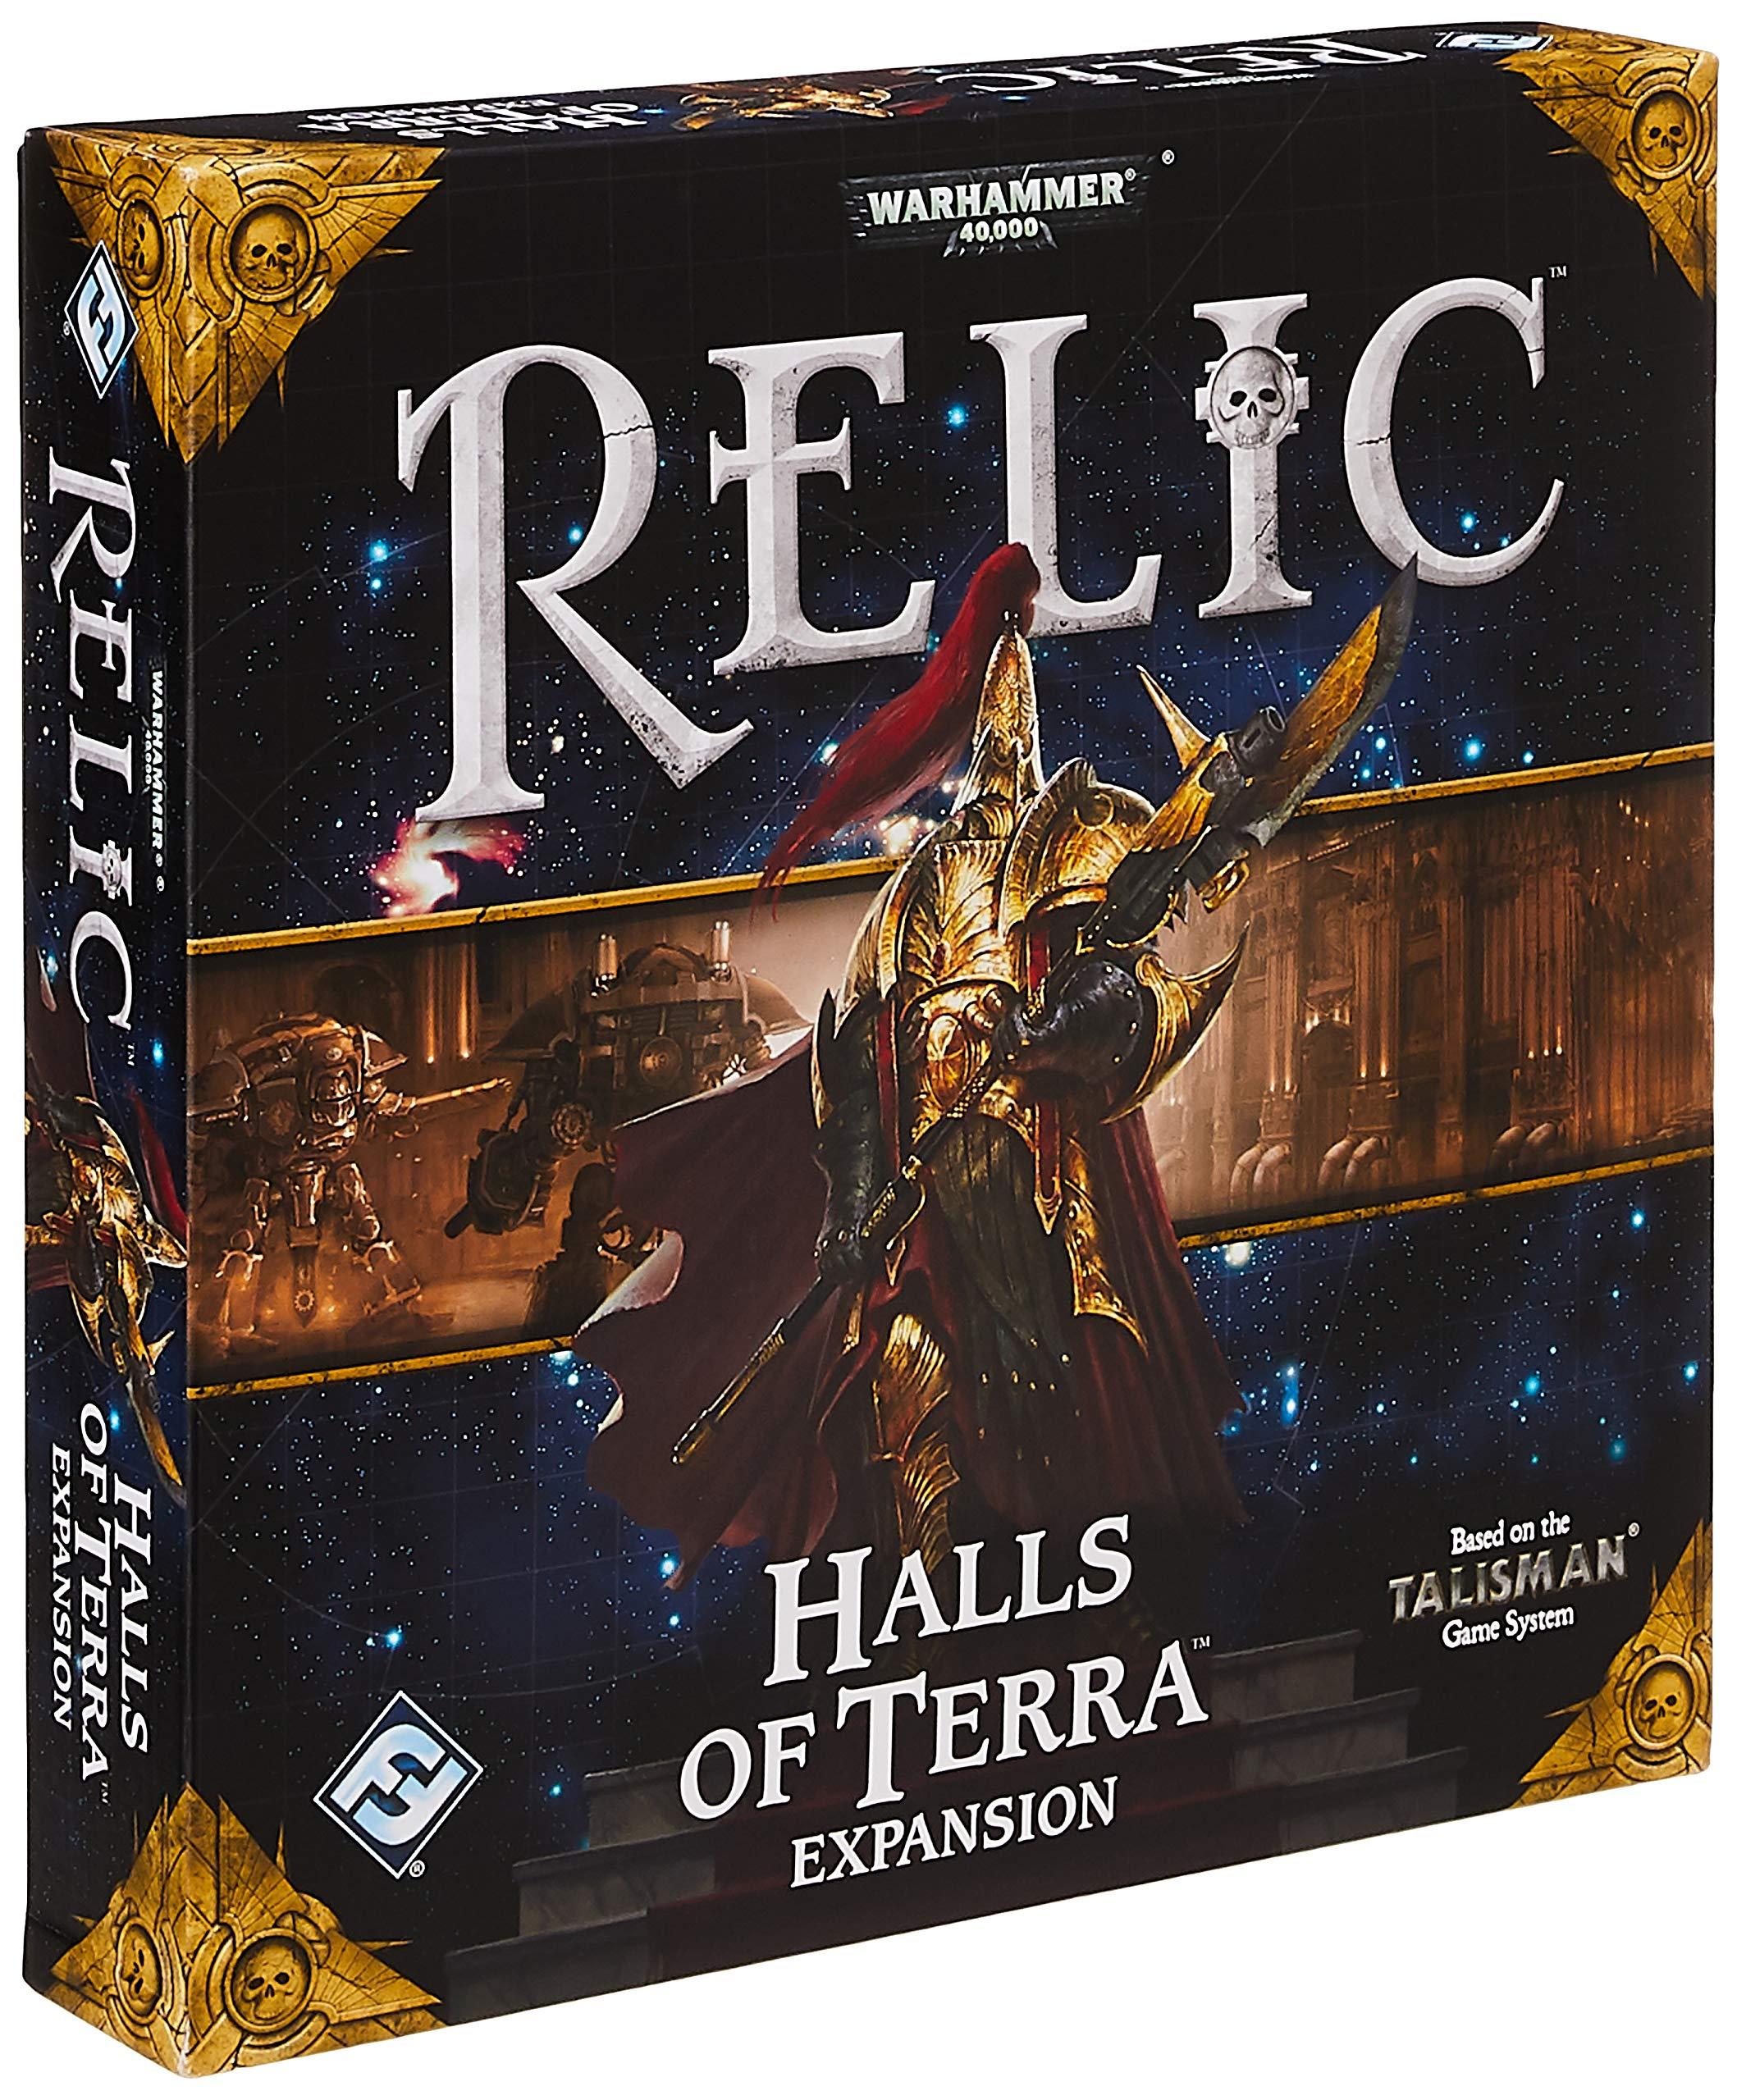 Warhammer 40k Relic Board Game - Halls of Terra Expansion: Fantasy Flight Games: Amazon.es: Juguetes y juegos